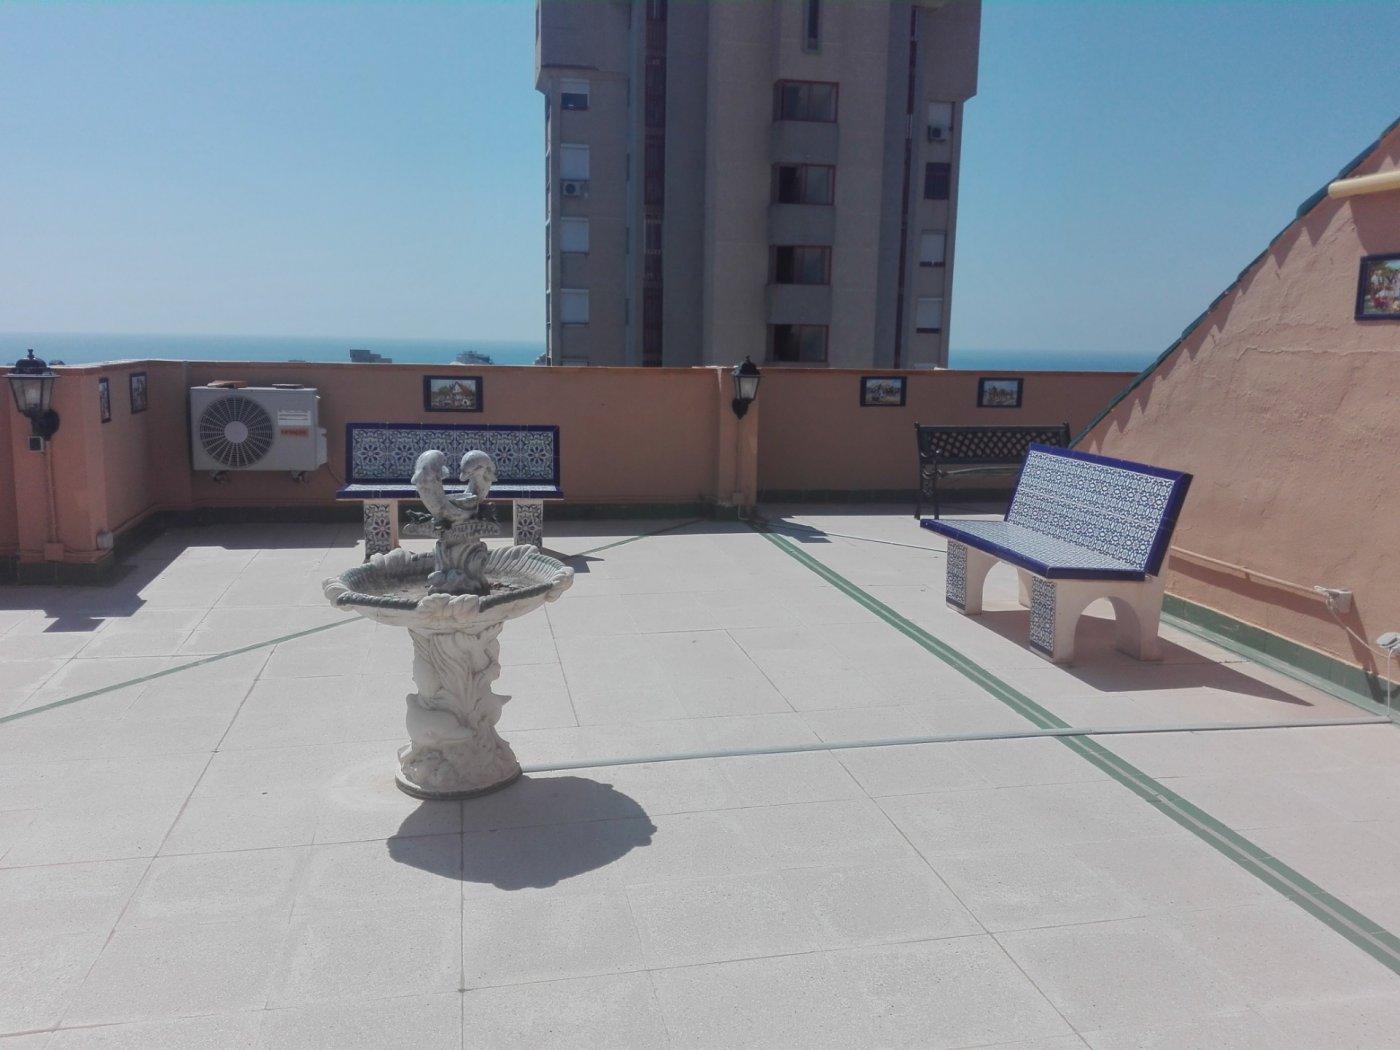 SUPERATICO, 2 DORMITORIOS MAS UNA SALITA CON SOLARIUM DE 110 METROS Y PISCINA COMUNITARIA 0